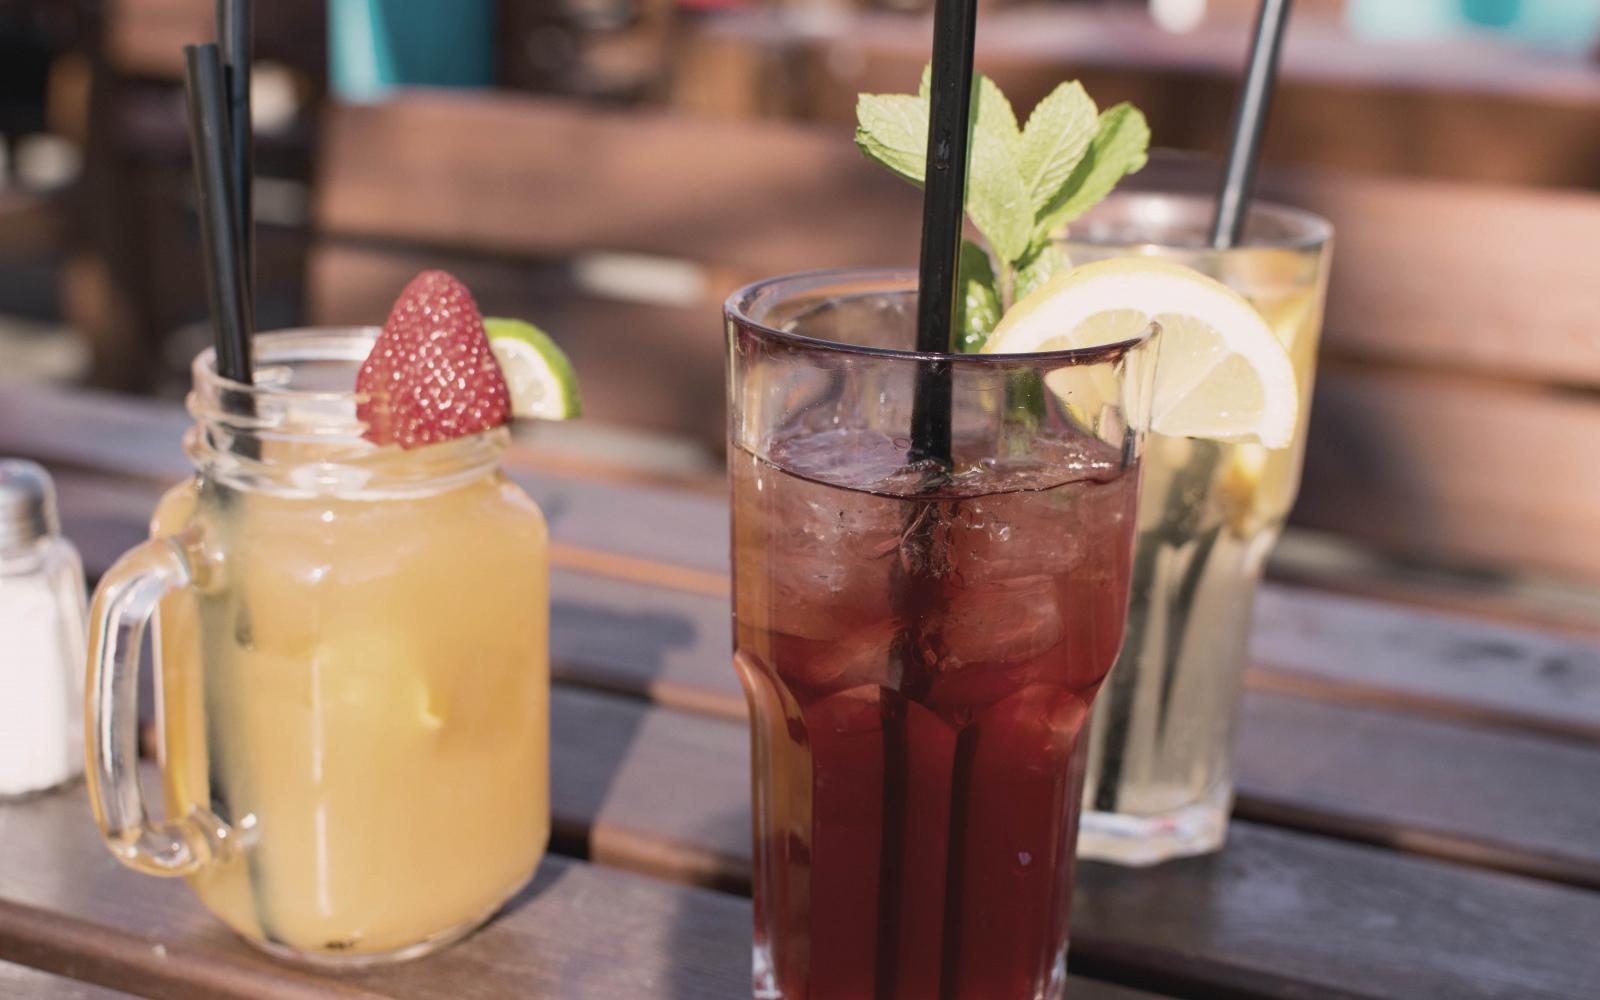 Avoid overly sweet drinks